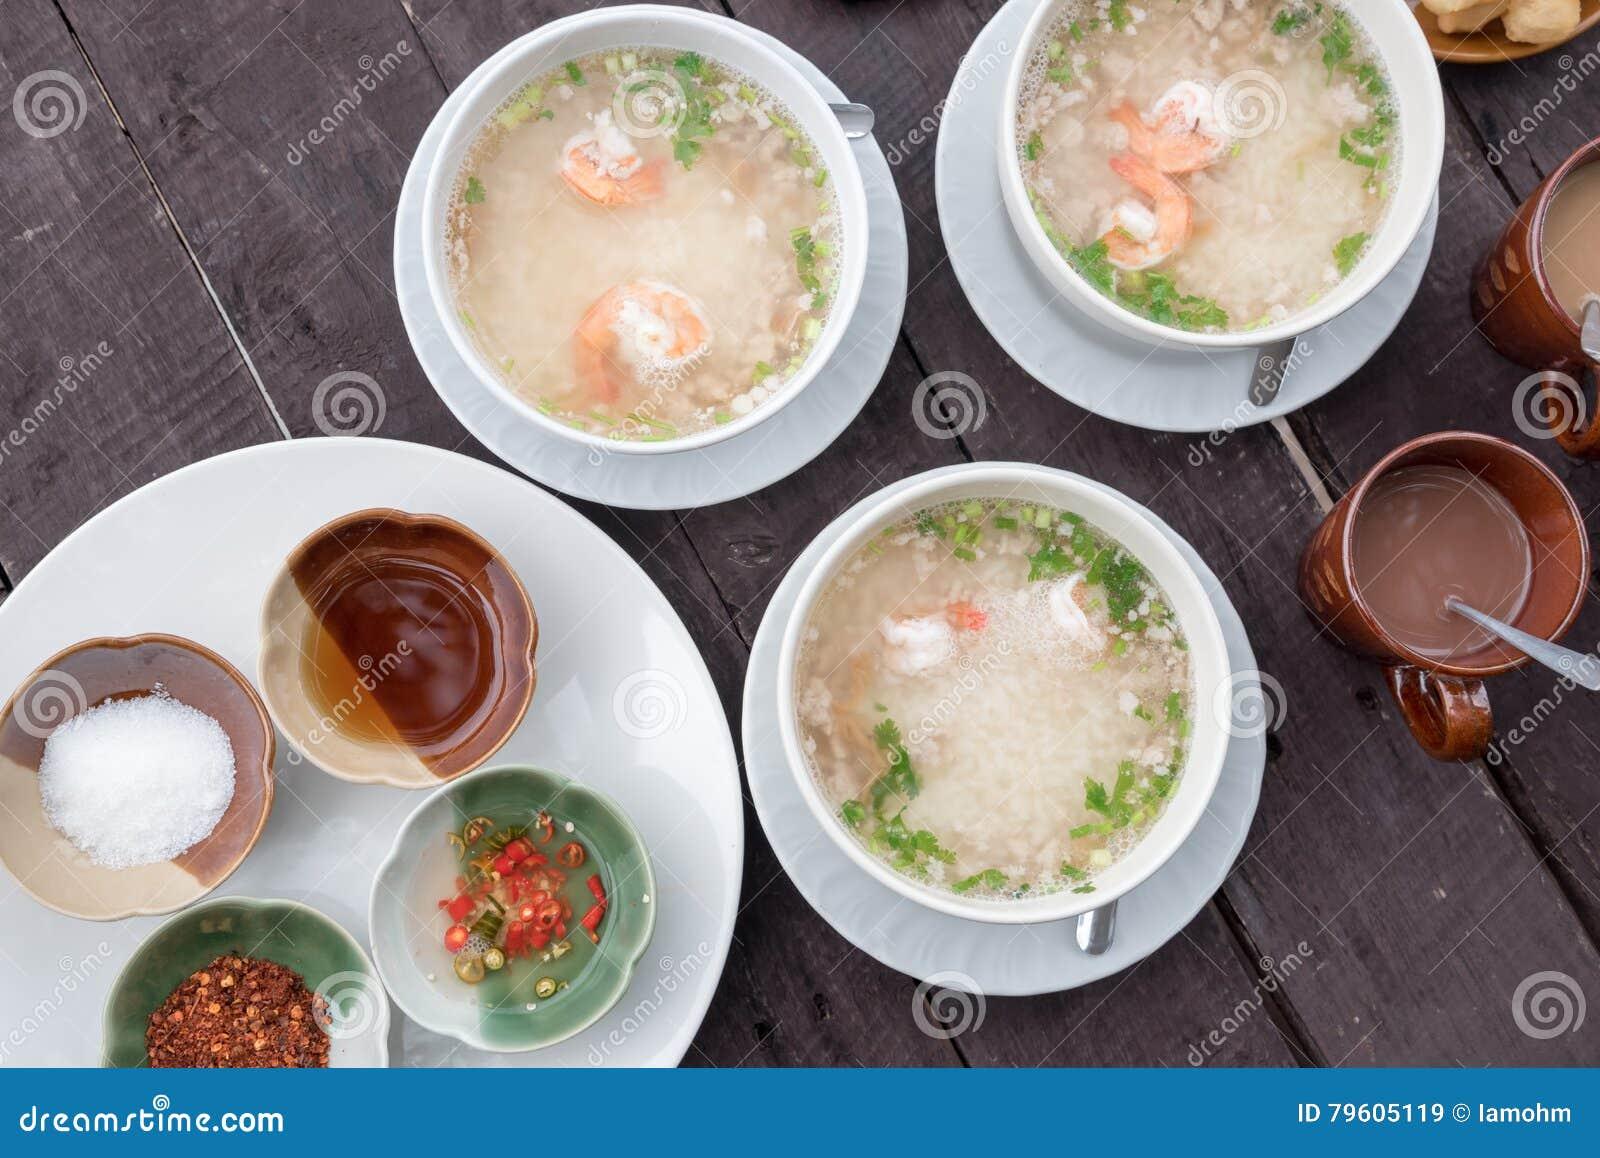 Sopa tailandesa do arroz com camarão e carne de porco, tempero, molho de peixes, pimentão conservado, pimenta de caiena, açúcar